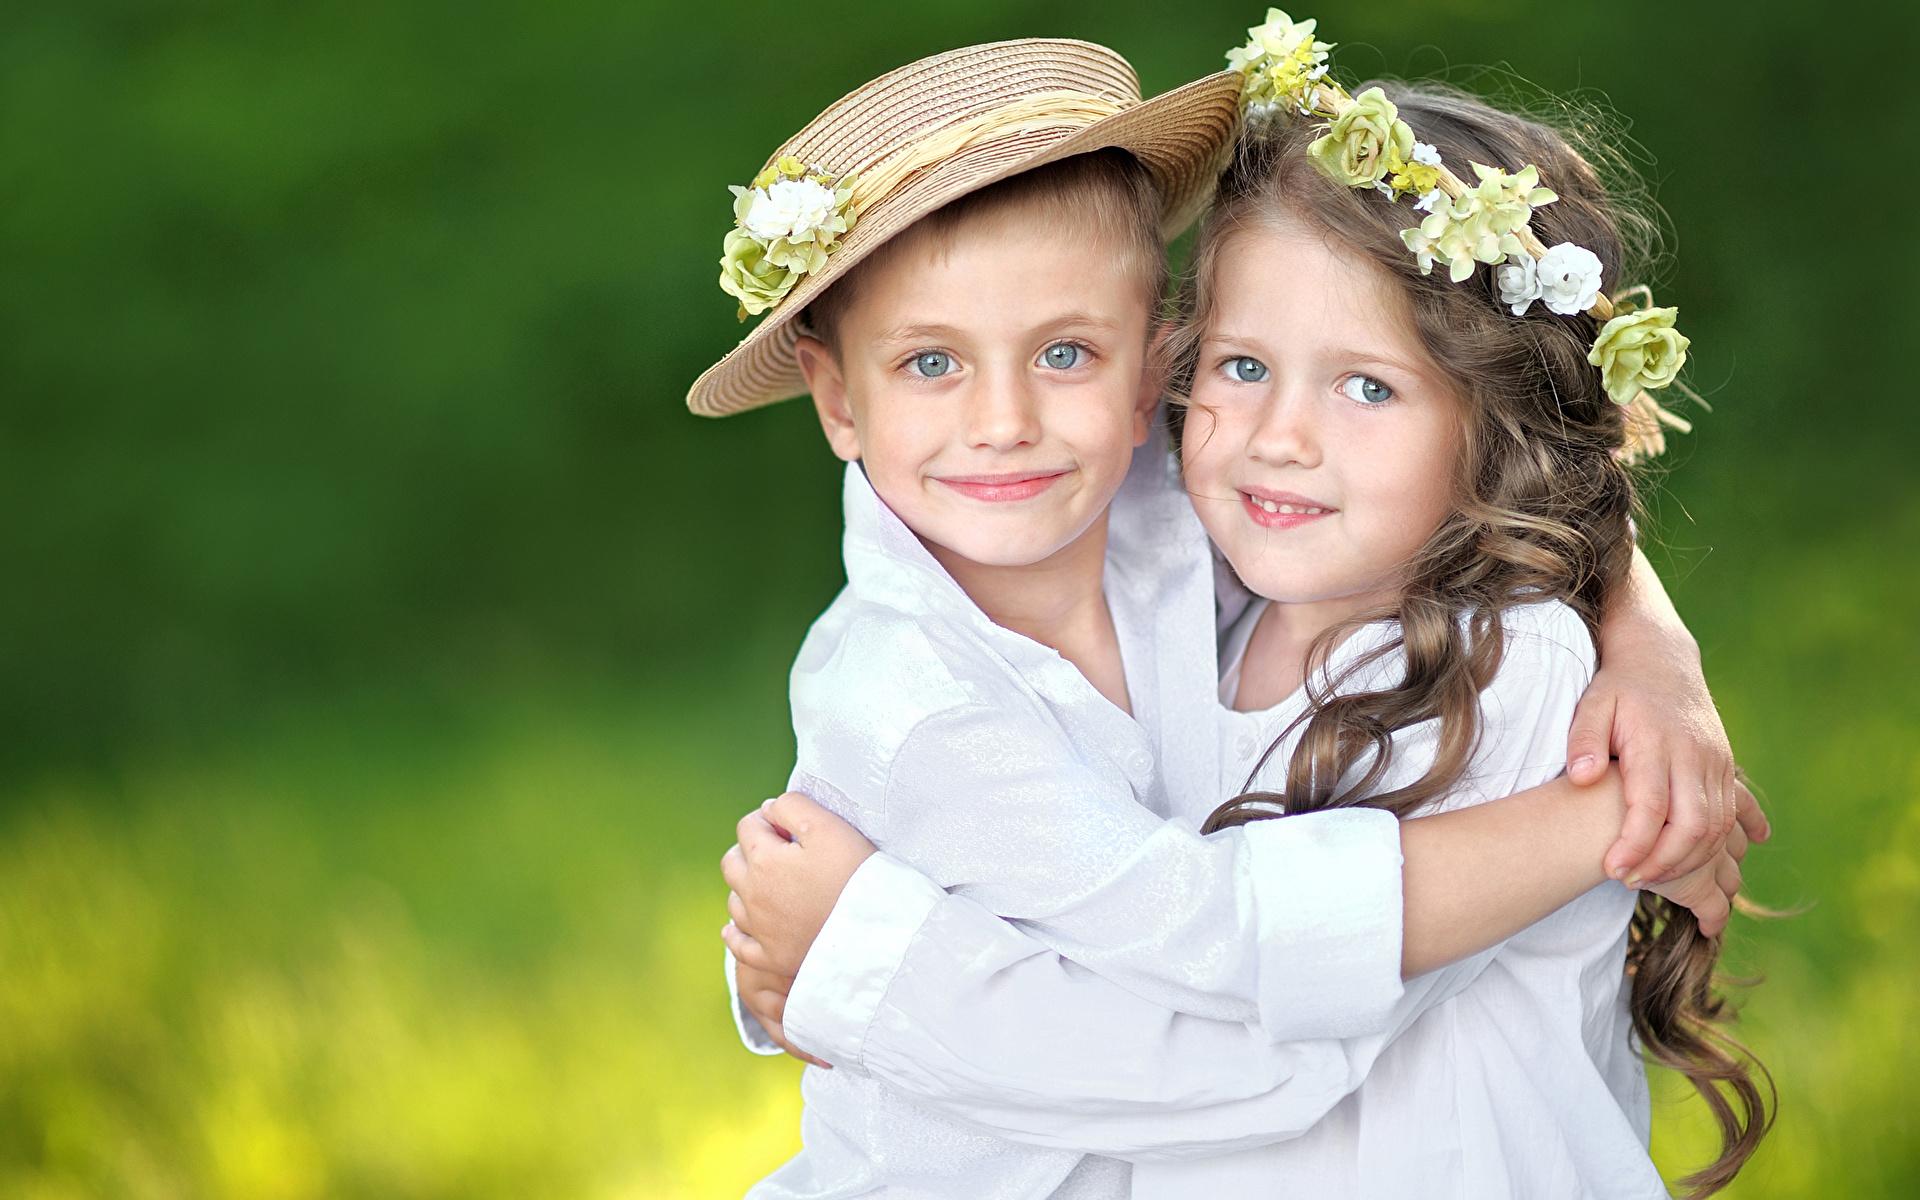 Фото мальчика и девушка, Boy And Girl Love Фото со стоков и изображения 20 фотография